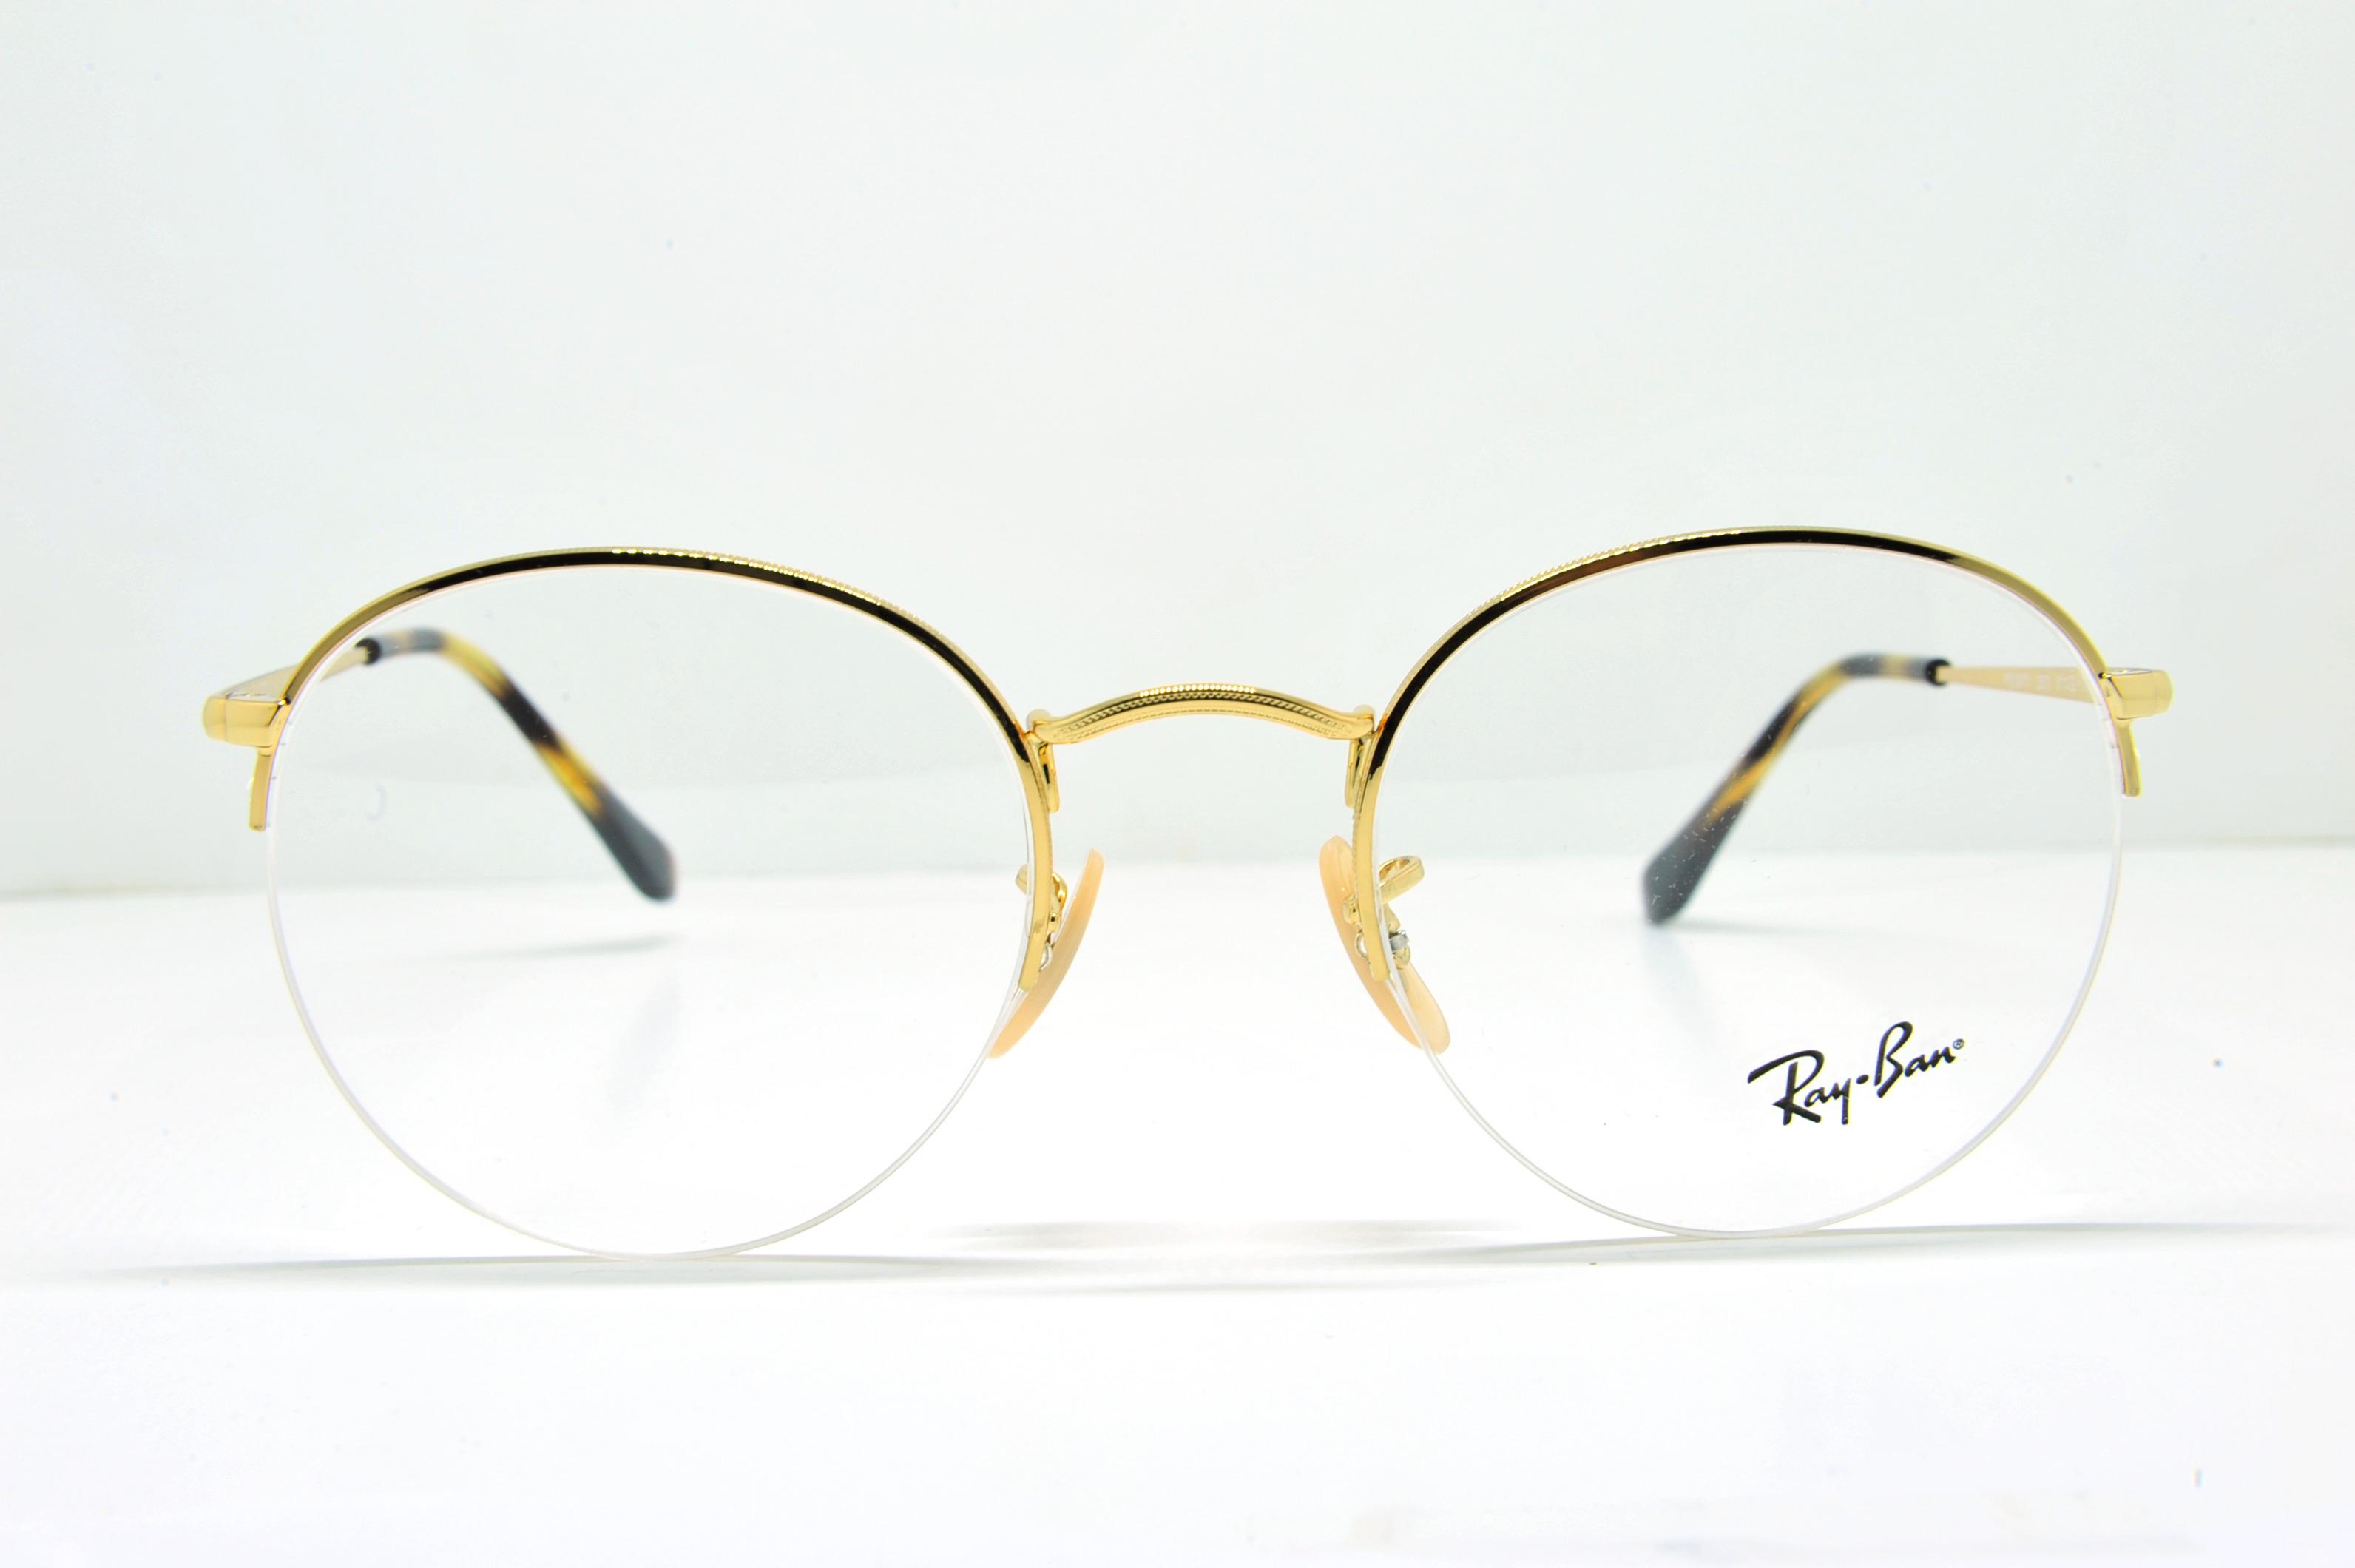 vendita a buon mercato usa anteprima di autentico Collezione Occhiali Da Vista Ray Ban « Heritage Malta